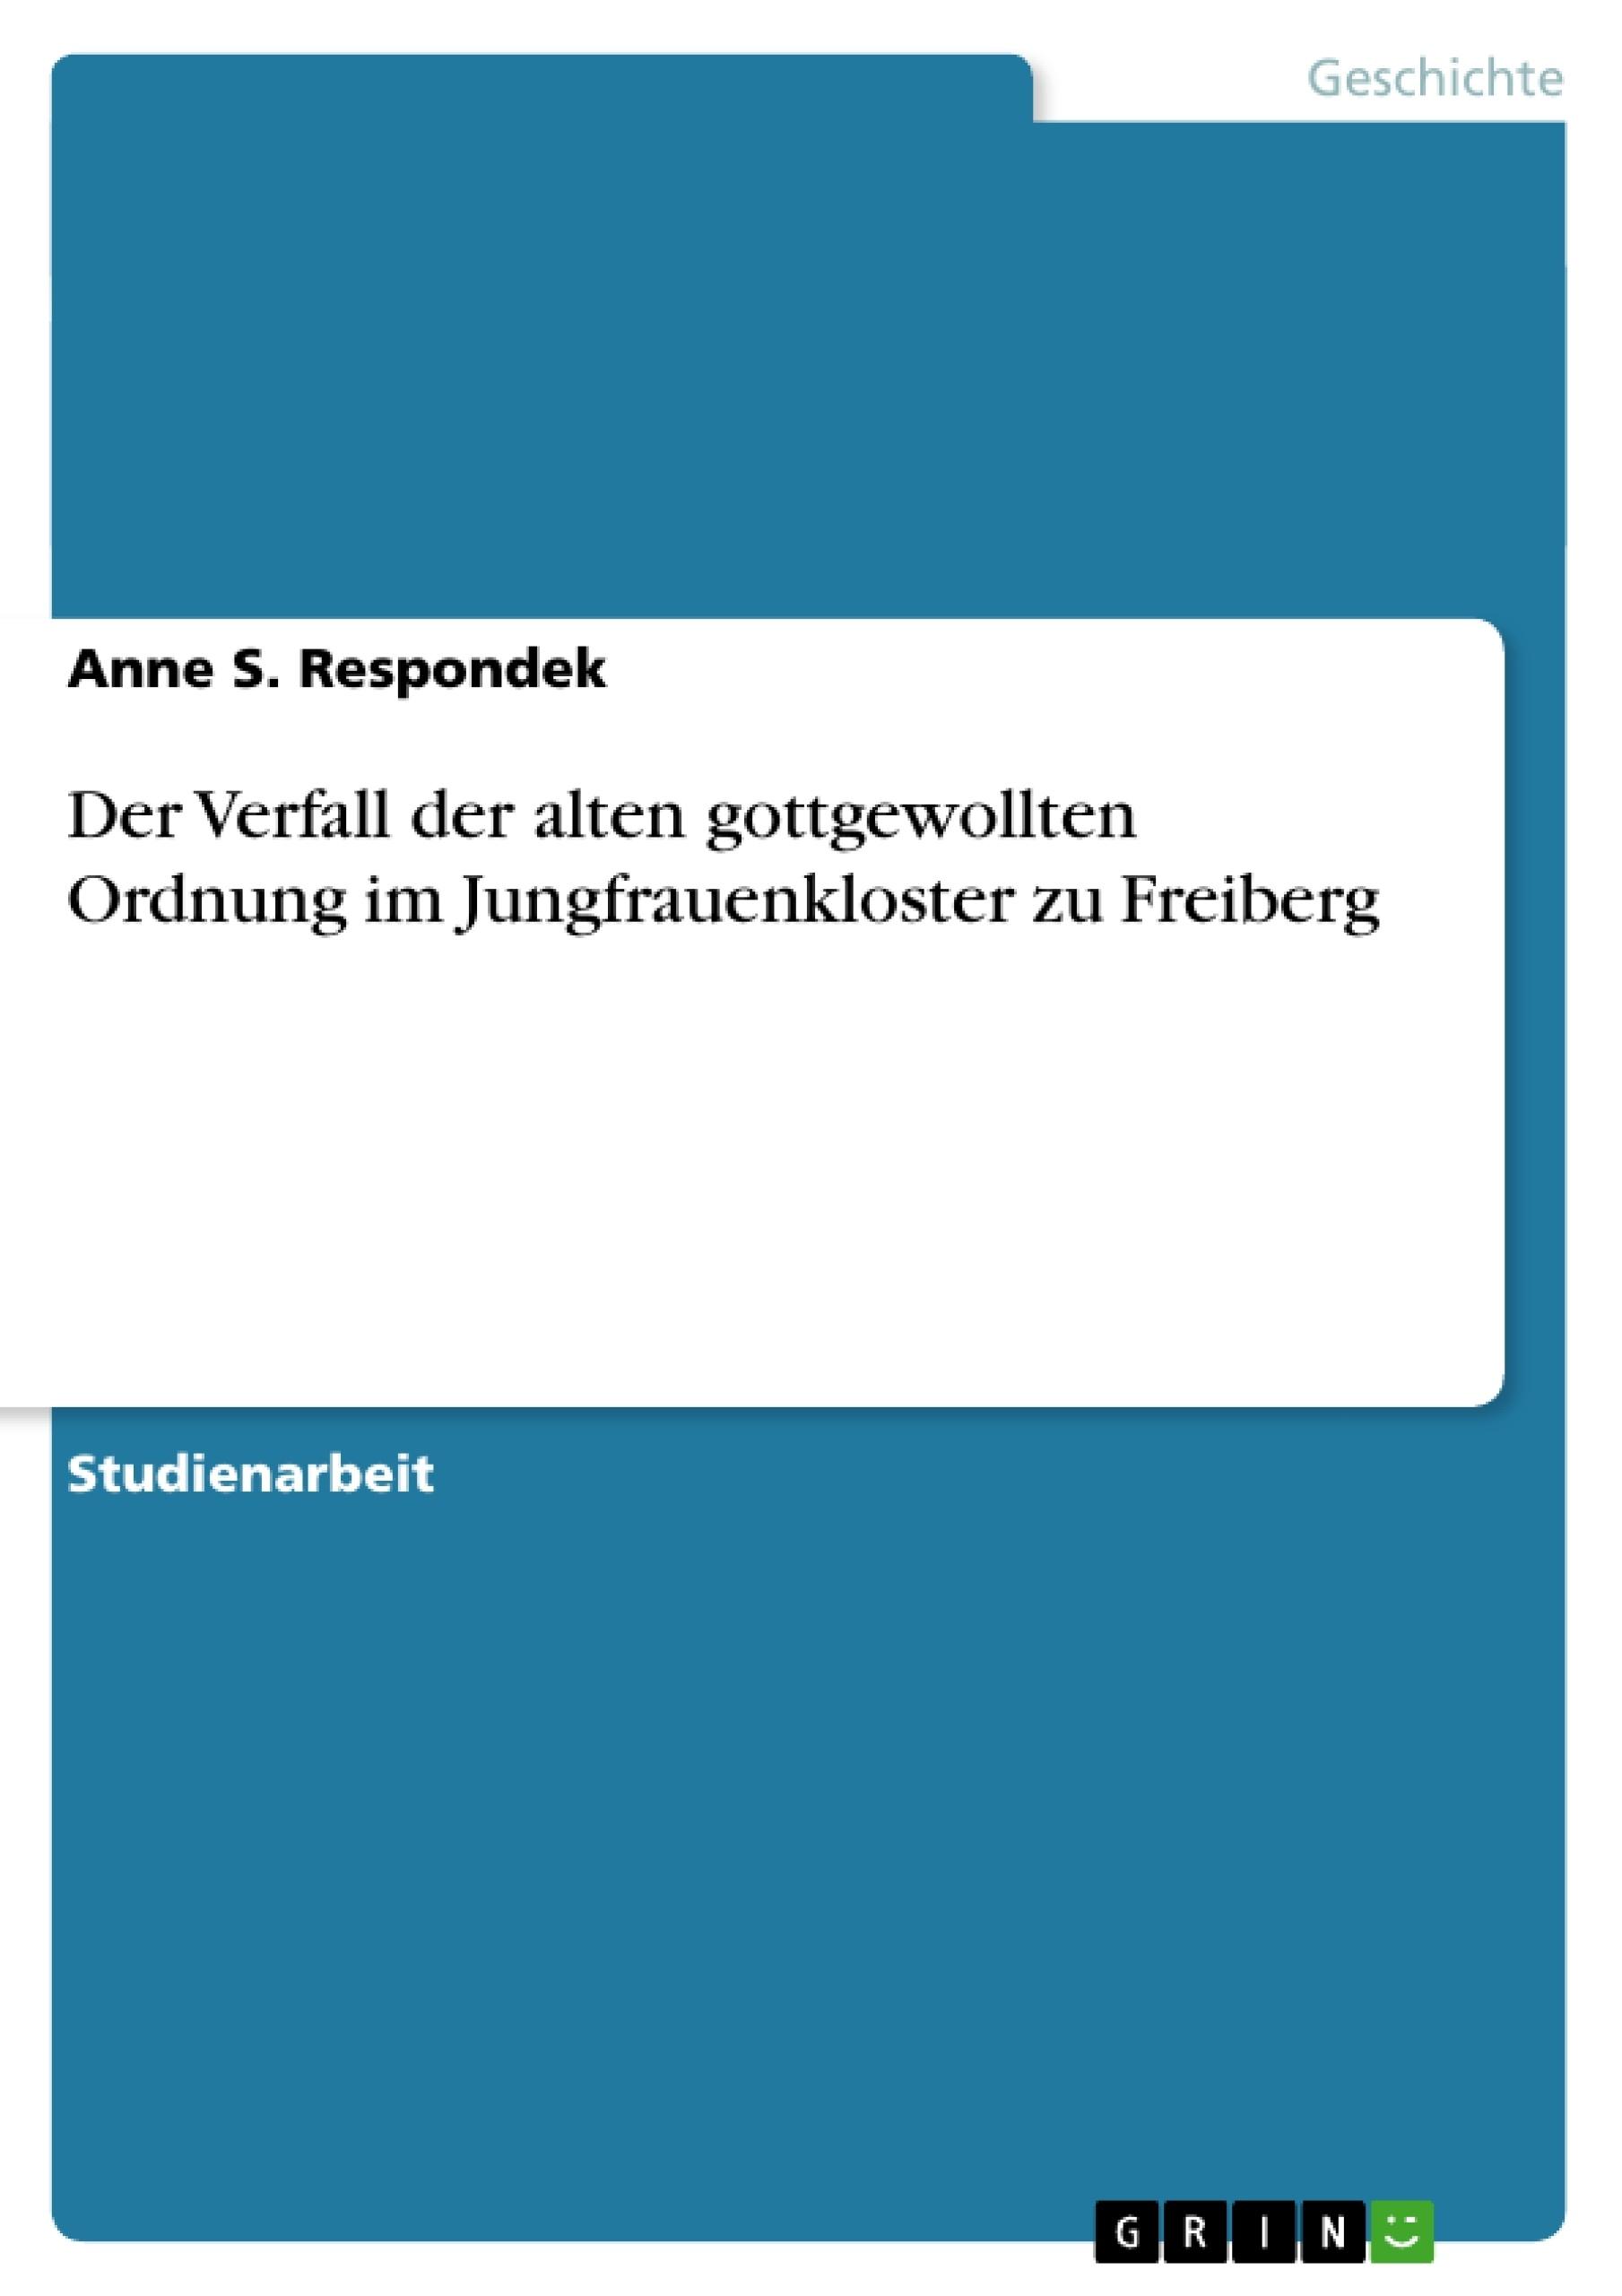 Titel: Der Verfall der alten gottgewollten Ordnung im Jungfrauenkloster zu Freiberg